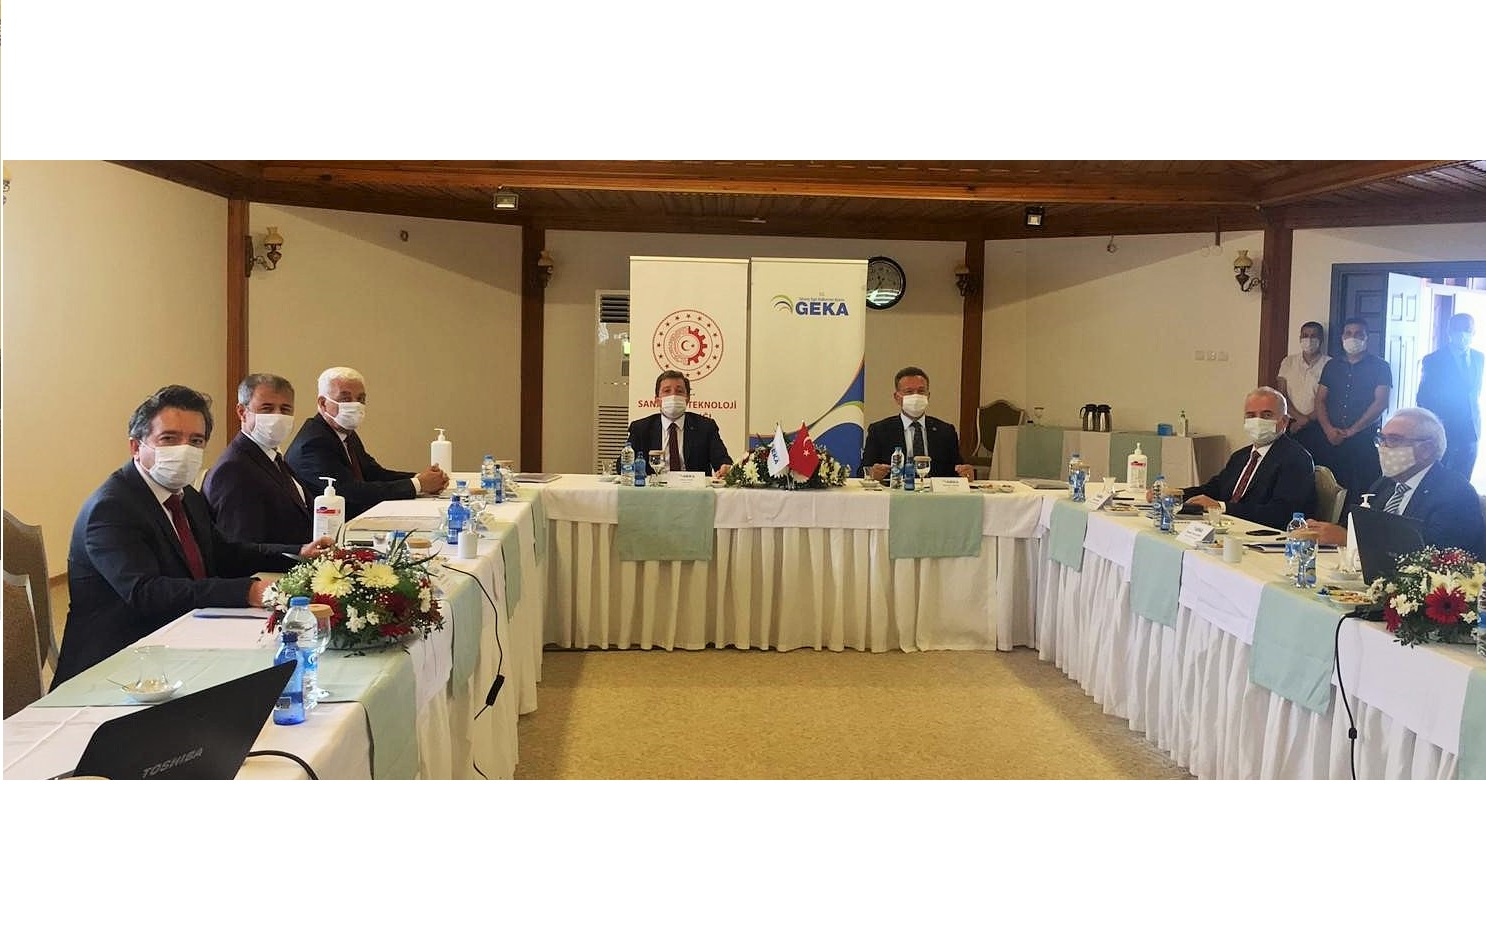 Güney Ege Kalkınma Ajansı'nın 133'üncü Yönetim Kurulu Toplantısı 27 Ekim 2020 tarihinde Muğla'da gerçekleştirildi.